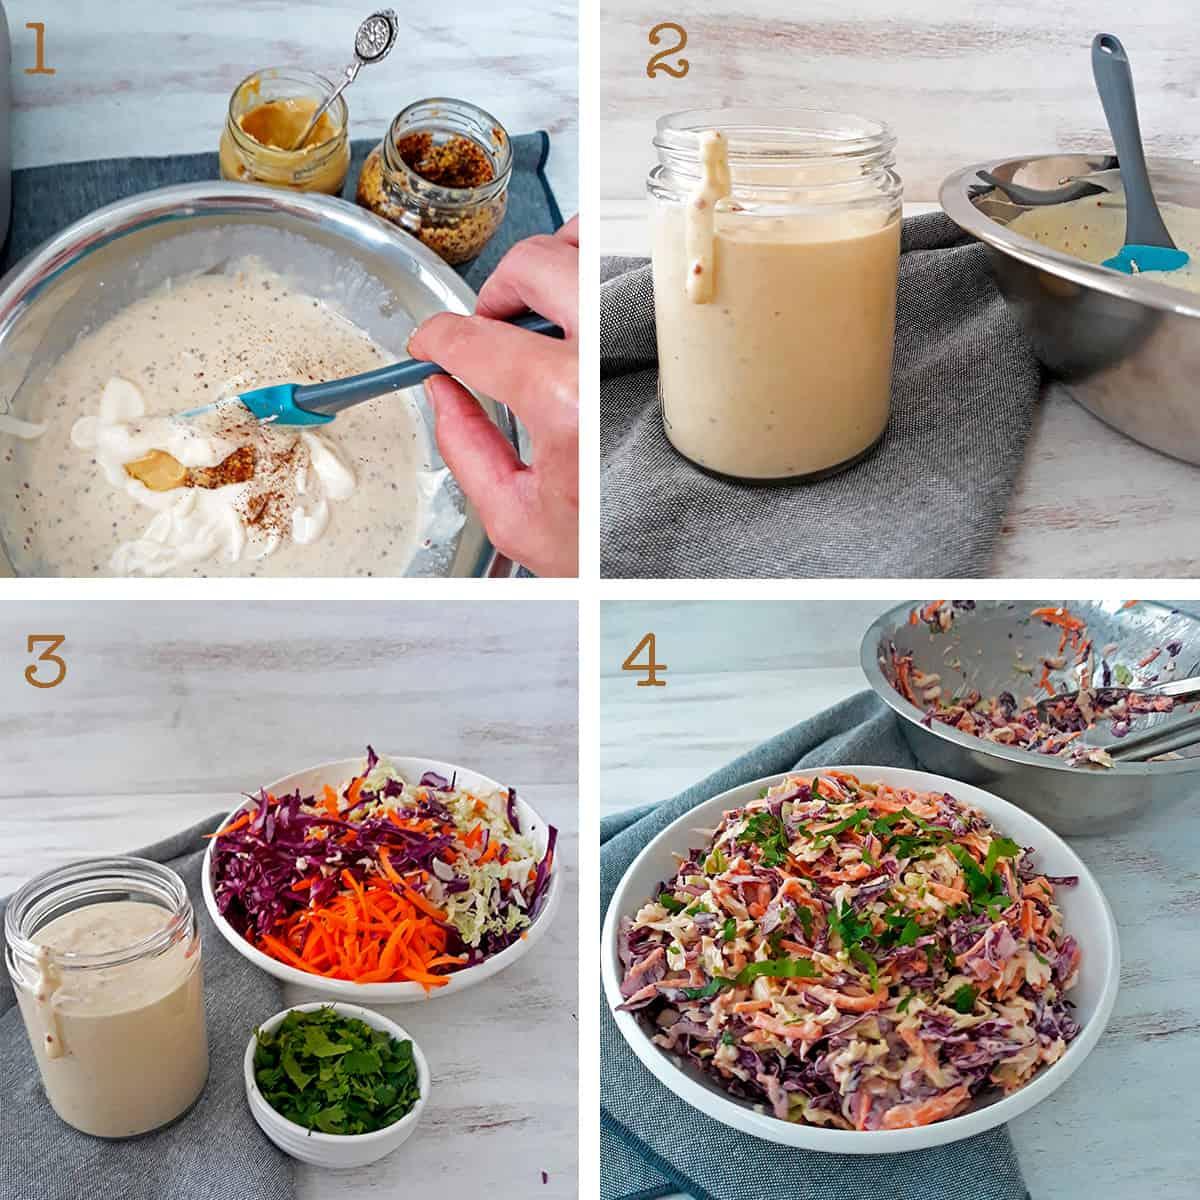 como hacer ensalad coleslaw paso  a paso